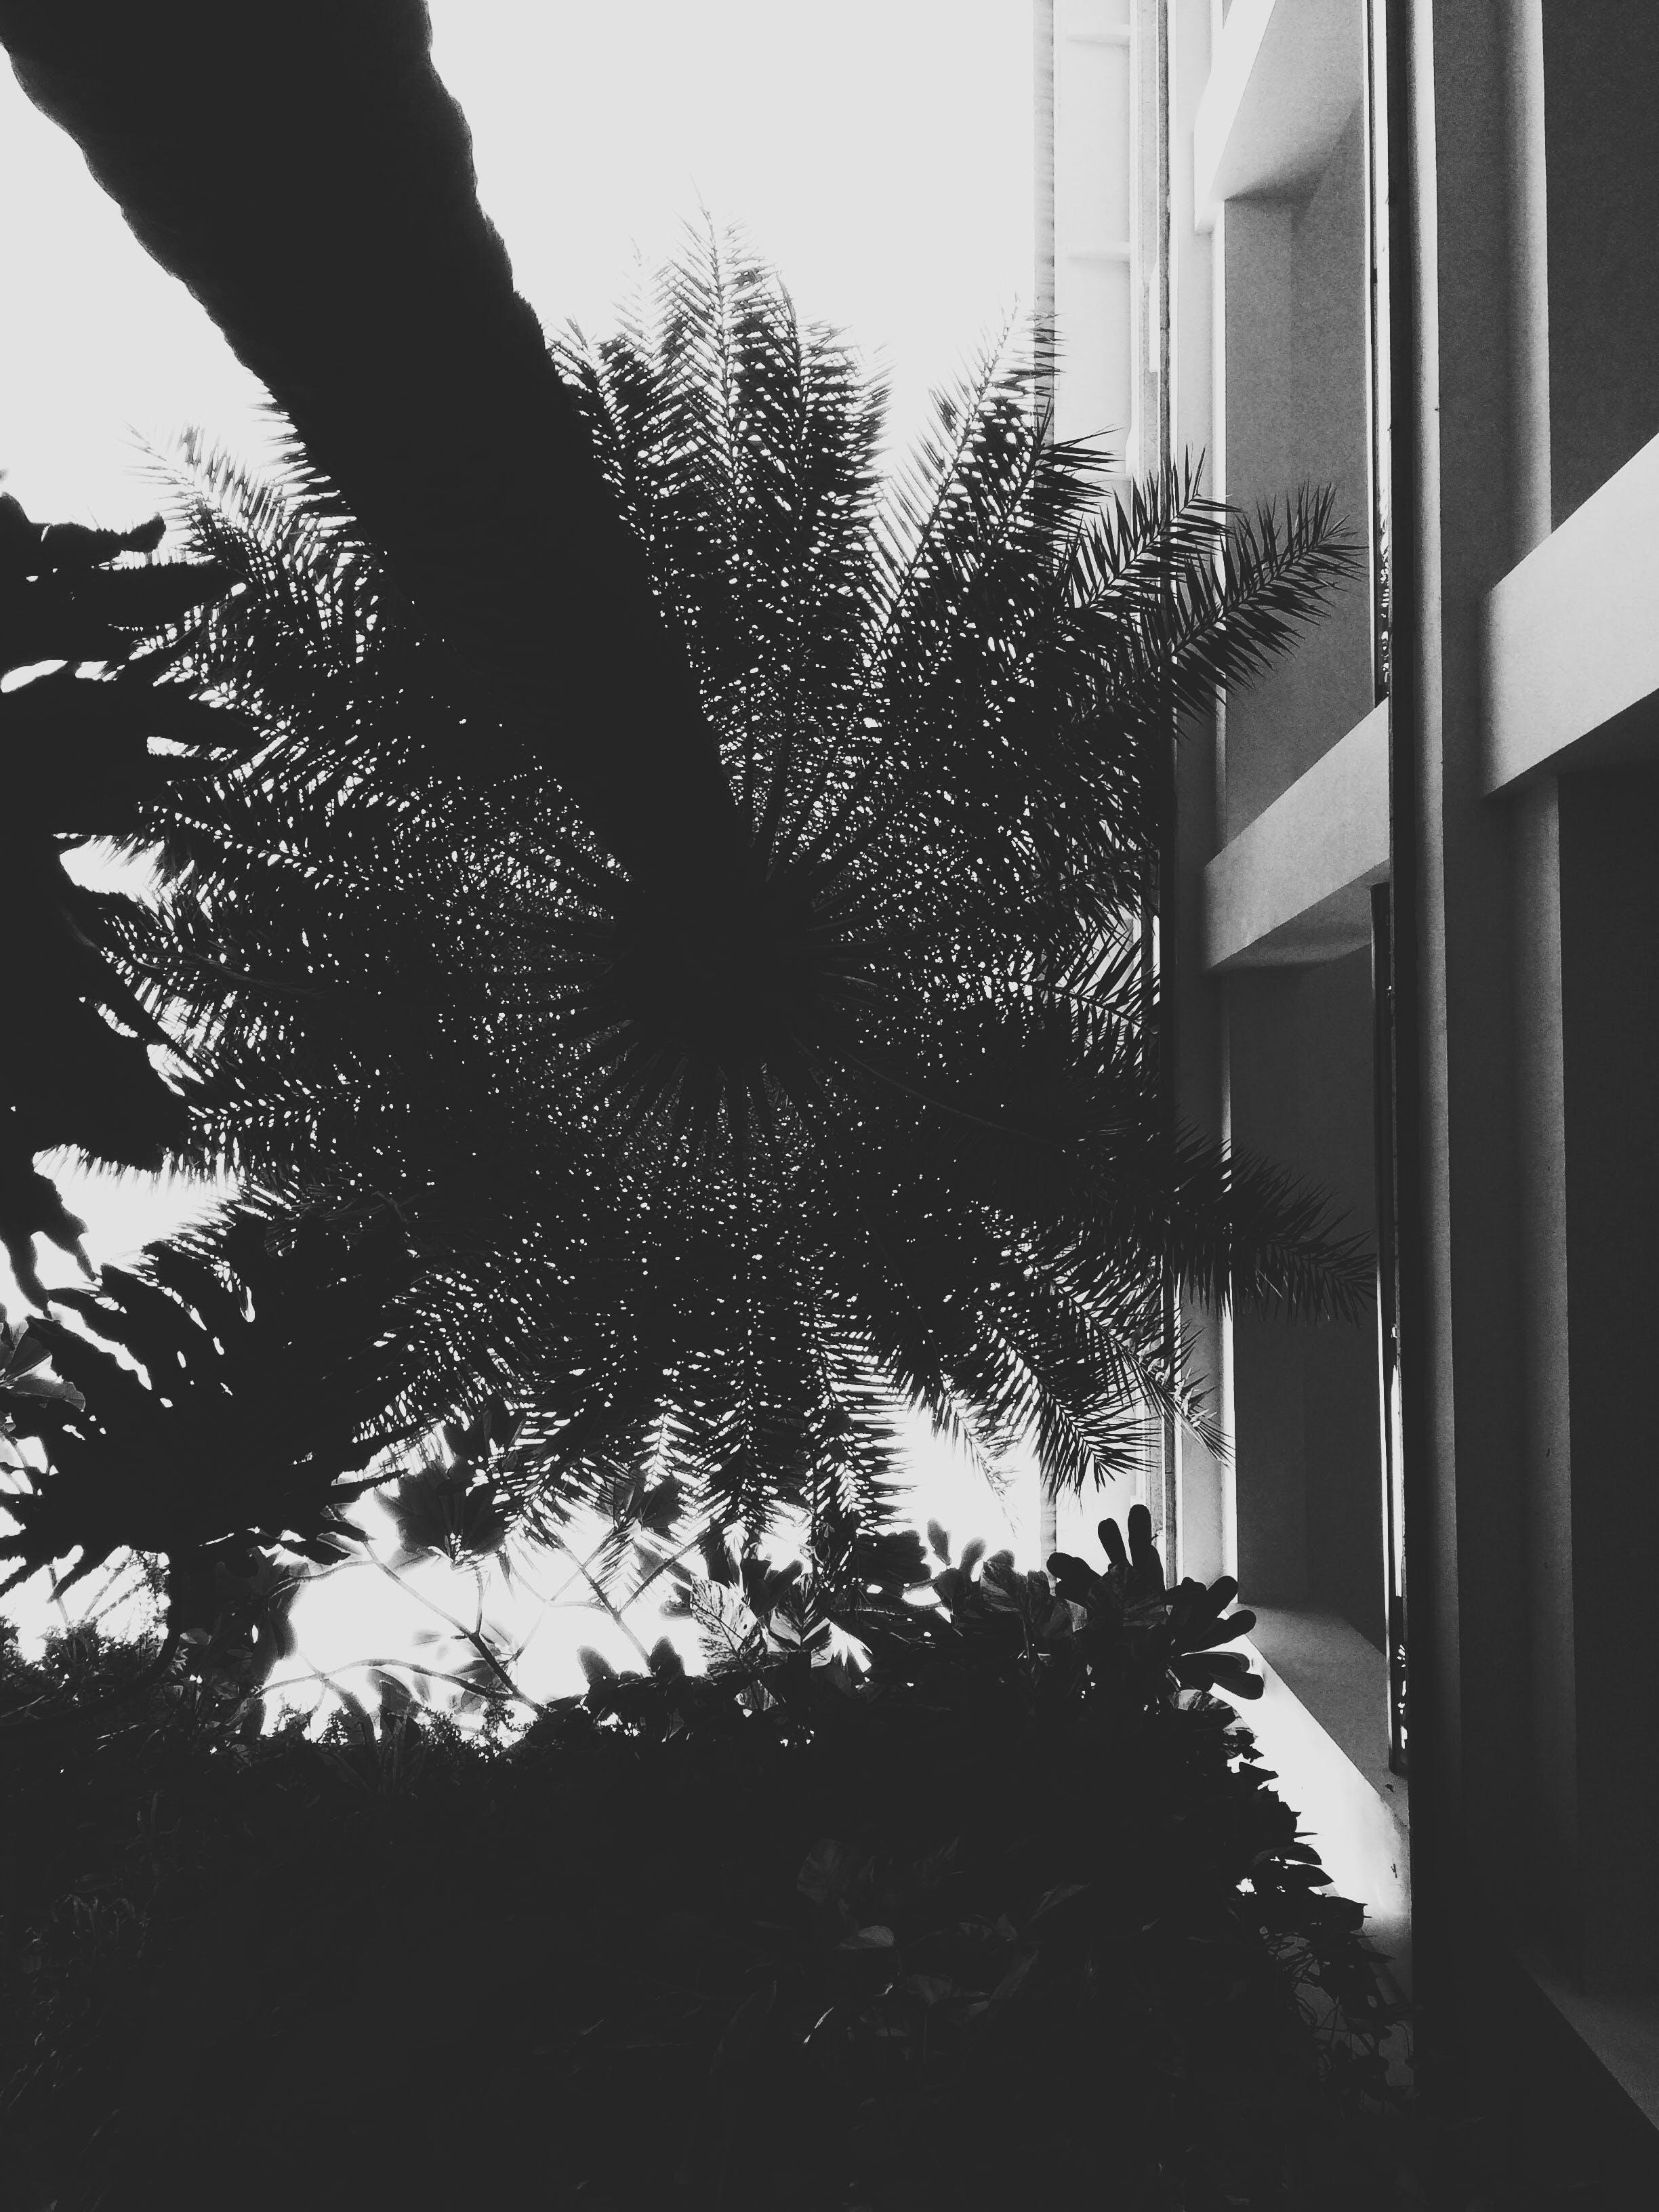 Kostenloses Stock Foto zu aufnahme von unten, bäume, blätter, einfarbig